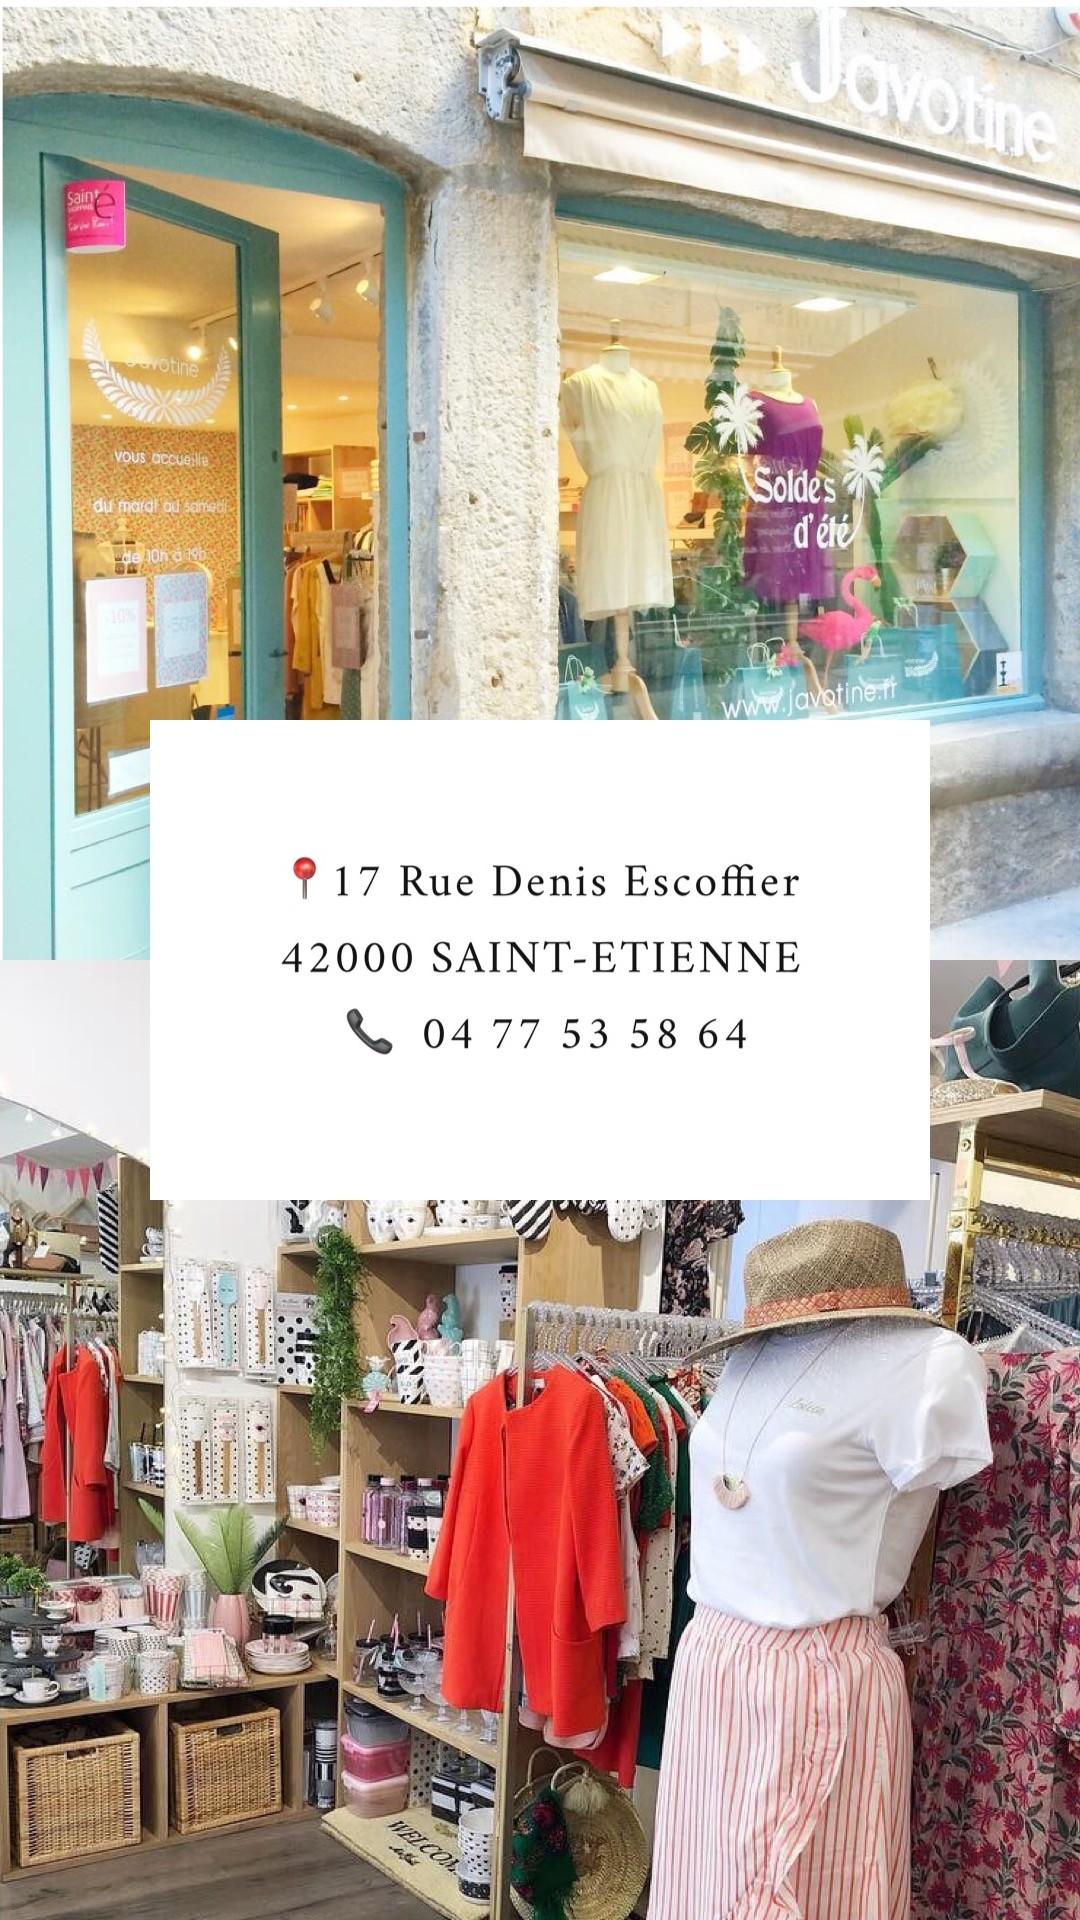 saint_etienne_nos_boutiques_javotine_les_petits_javotins_7.jpg